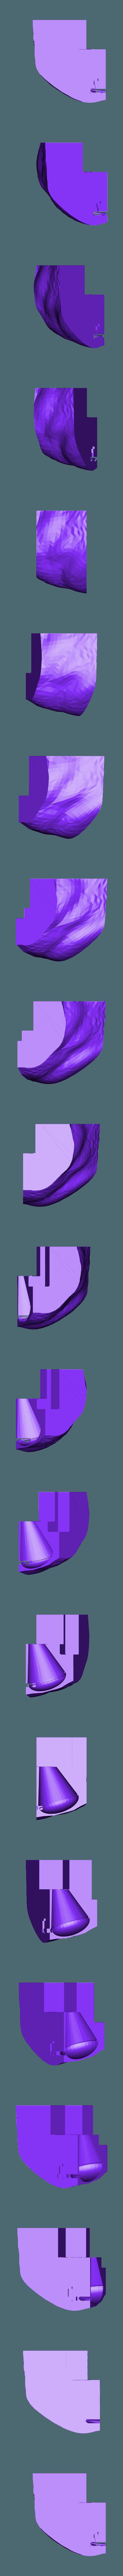 GADGETS torso pt4.stl Download free STL file GADGET the robotic Gremlin • 3D printing object, atarka3